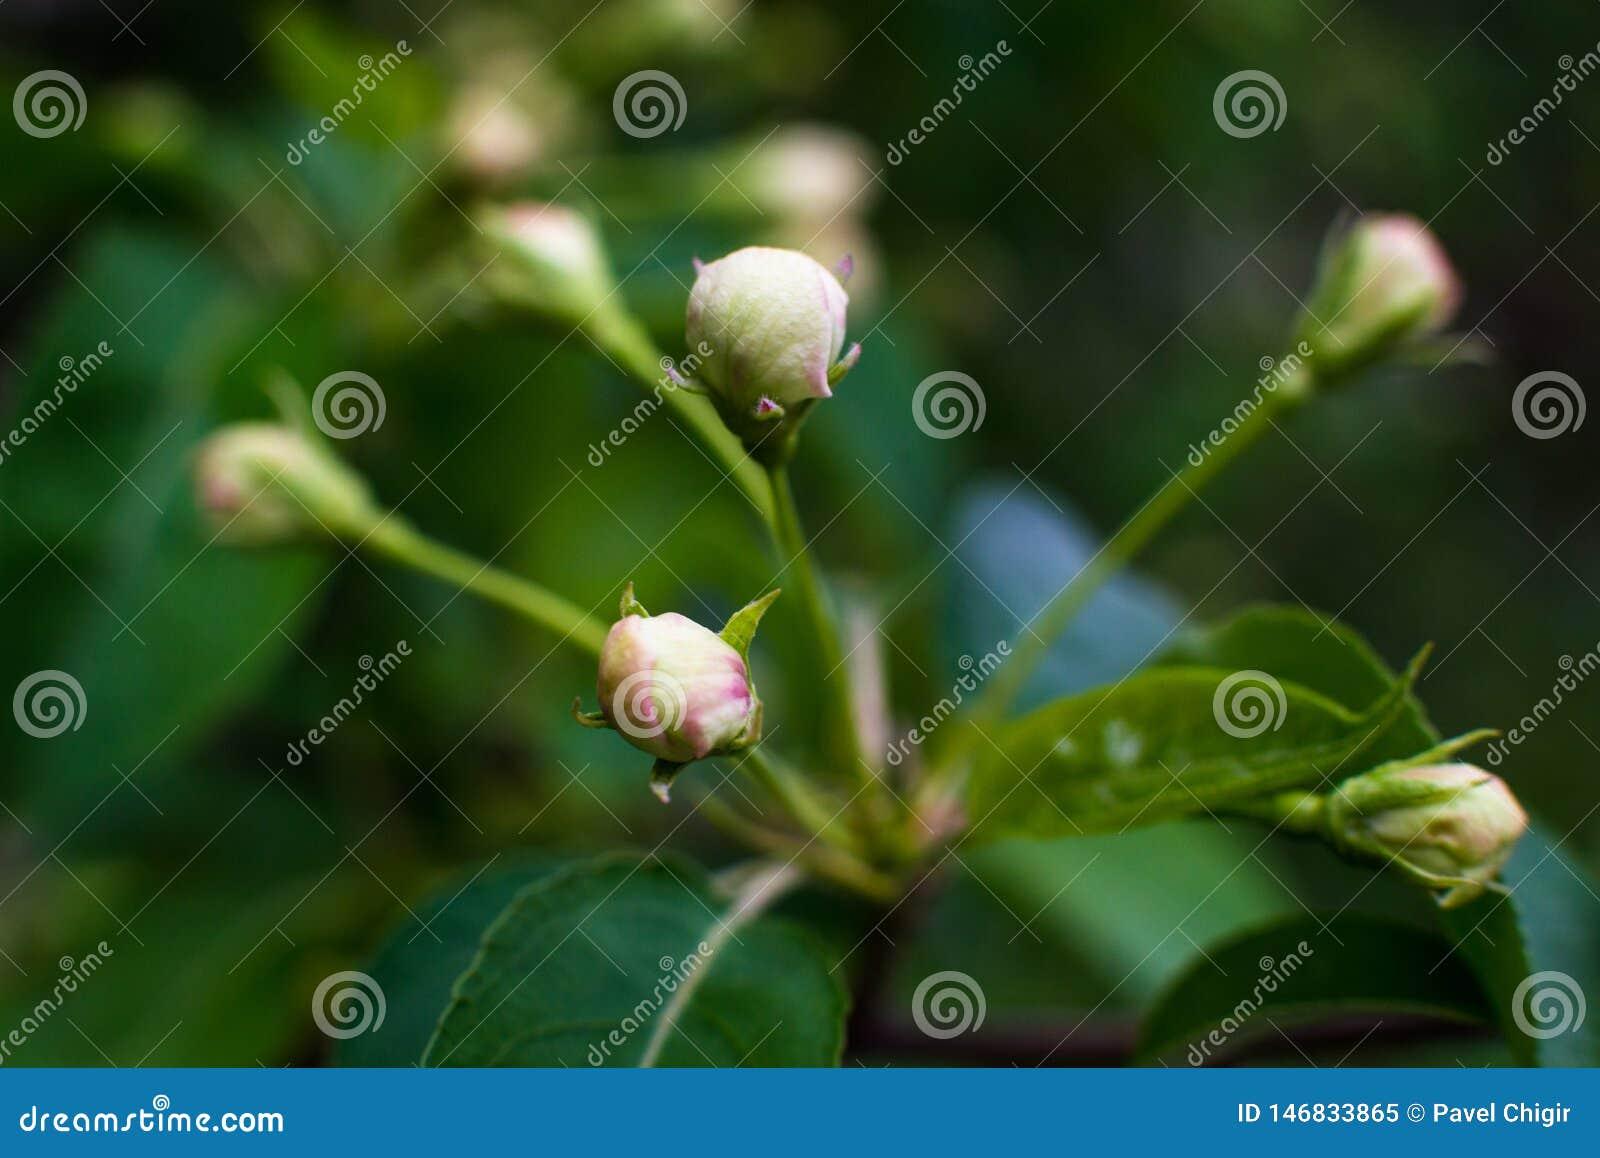 De wit-gele bloemen op een nog volledig naakte boom, zijn groene bladeren net begonnen te bloeien